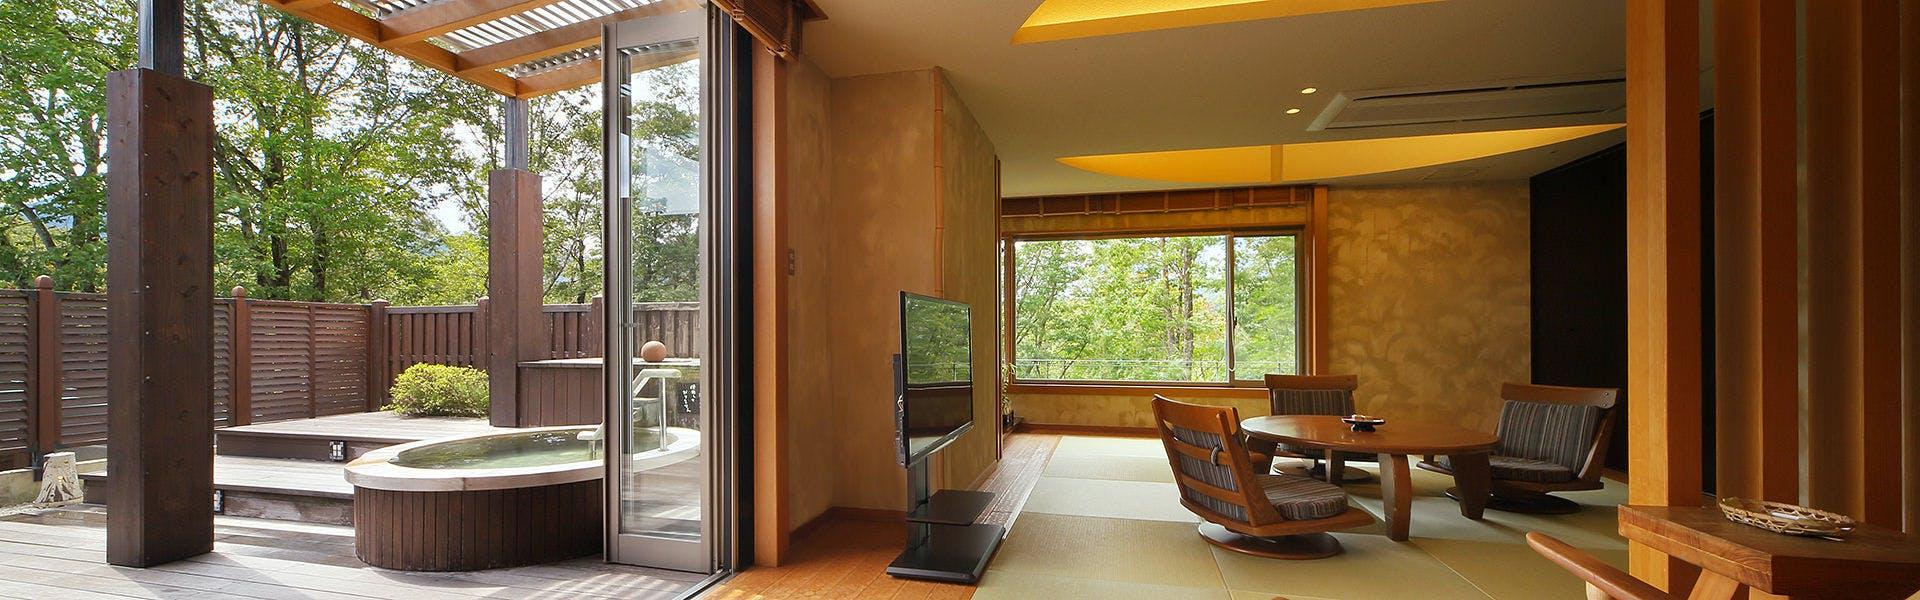 記念日におすすめのホテル・仙台 秋保温泉 篝火の湯 緑水亭の写真1